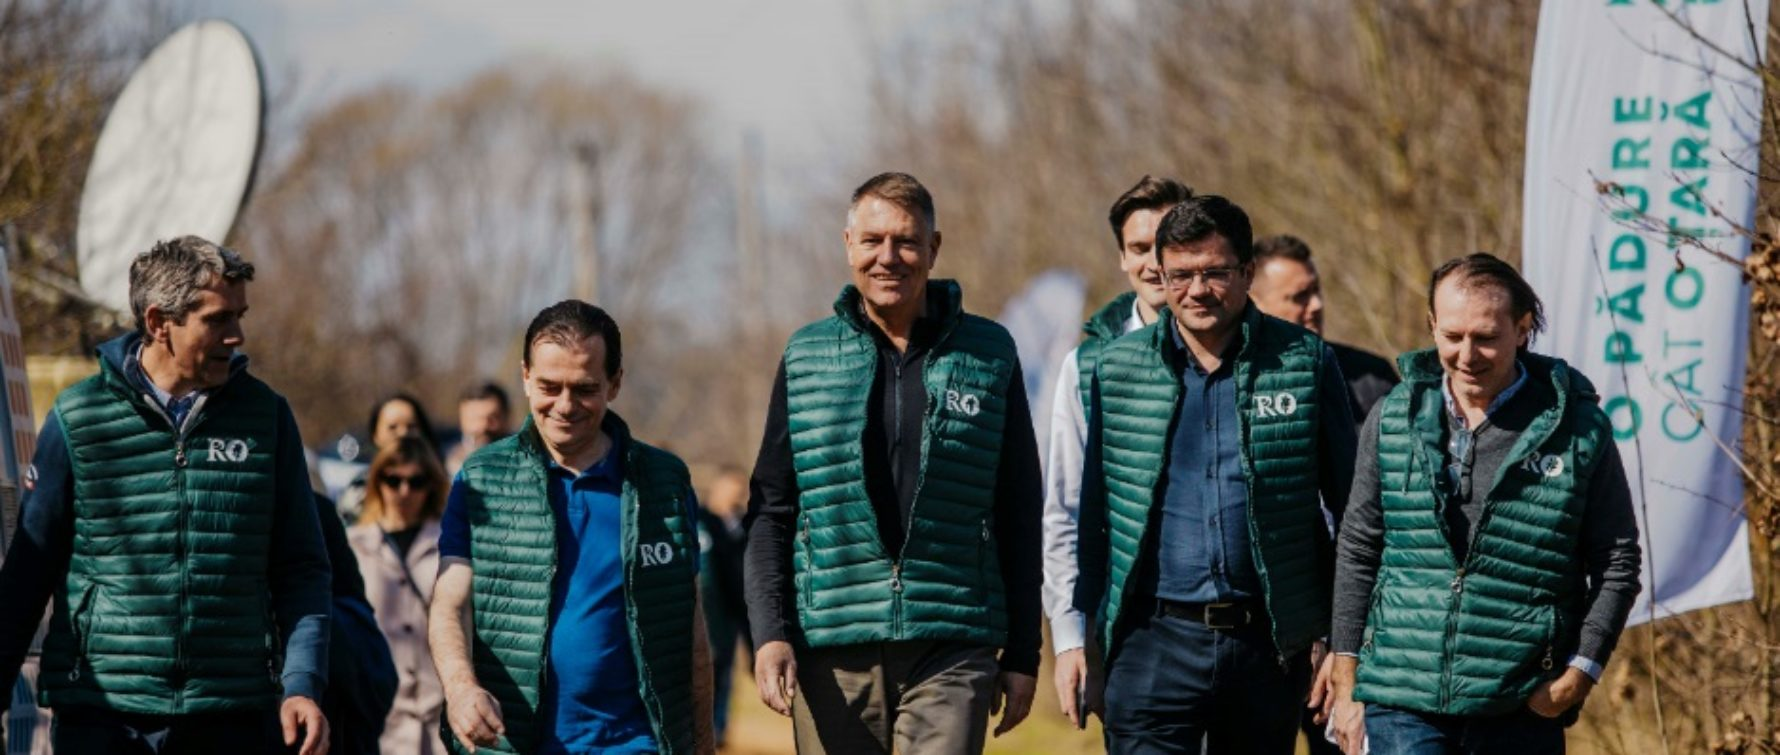 Klaus Iohannis a plantat un copac în judeţul Dâmboviţa: Pădurea trebuie protejată. Este inadmisibil ca în secolul XXI să mai avem tăieri ilegale masive